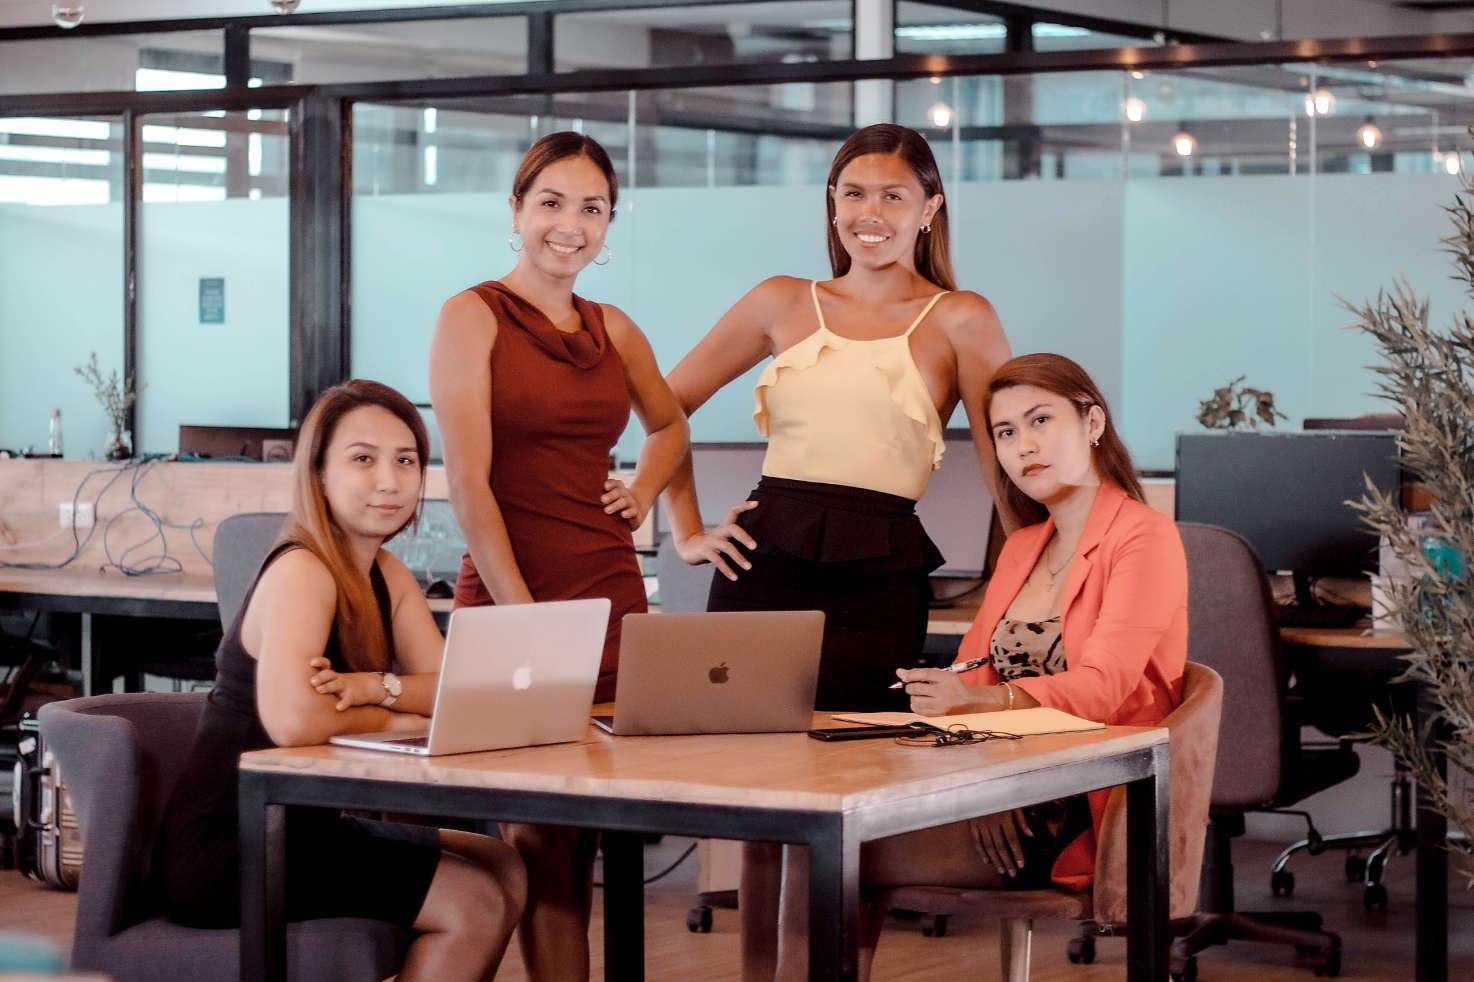 Groupe de femmes trans au travail